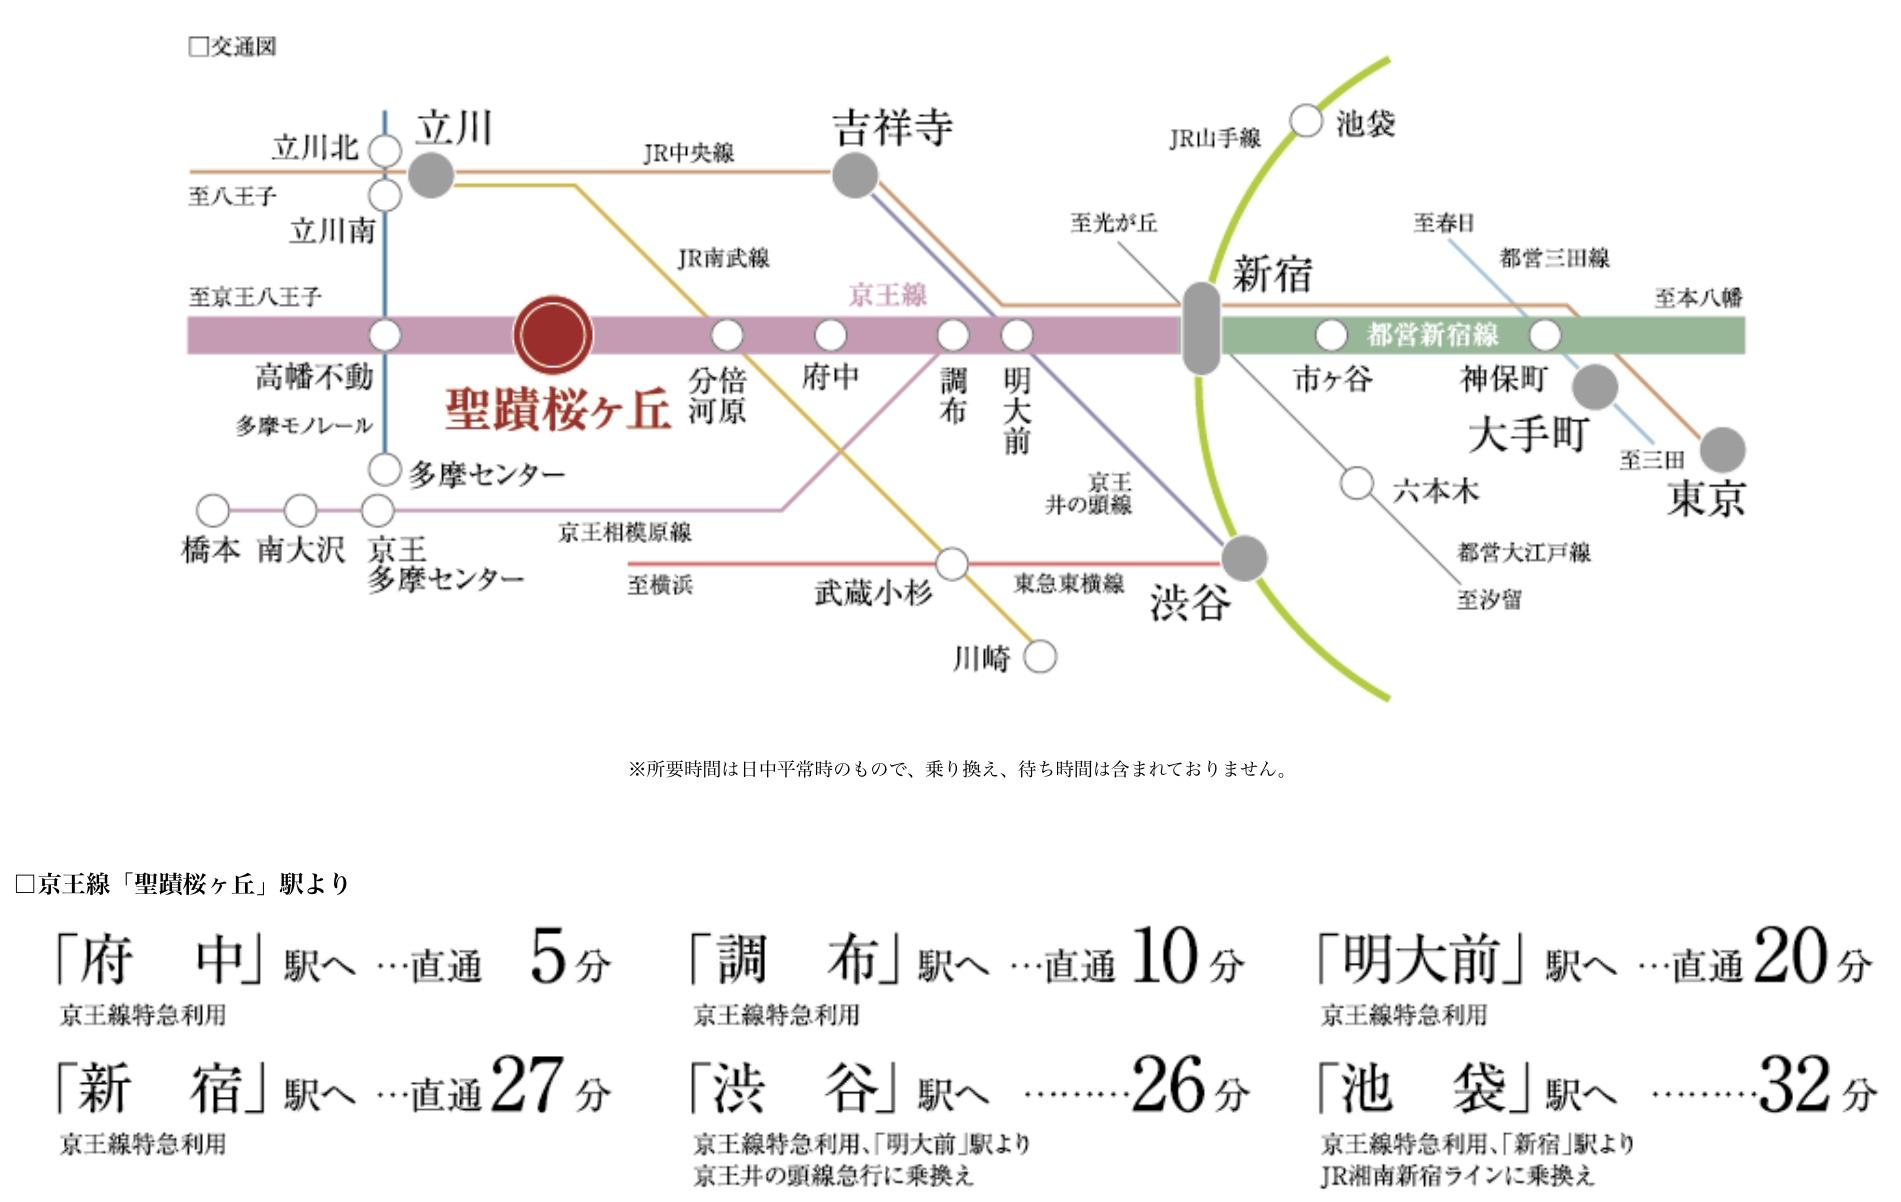 ファインスクェア聖蹟桜ヶ丘 アクセス